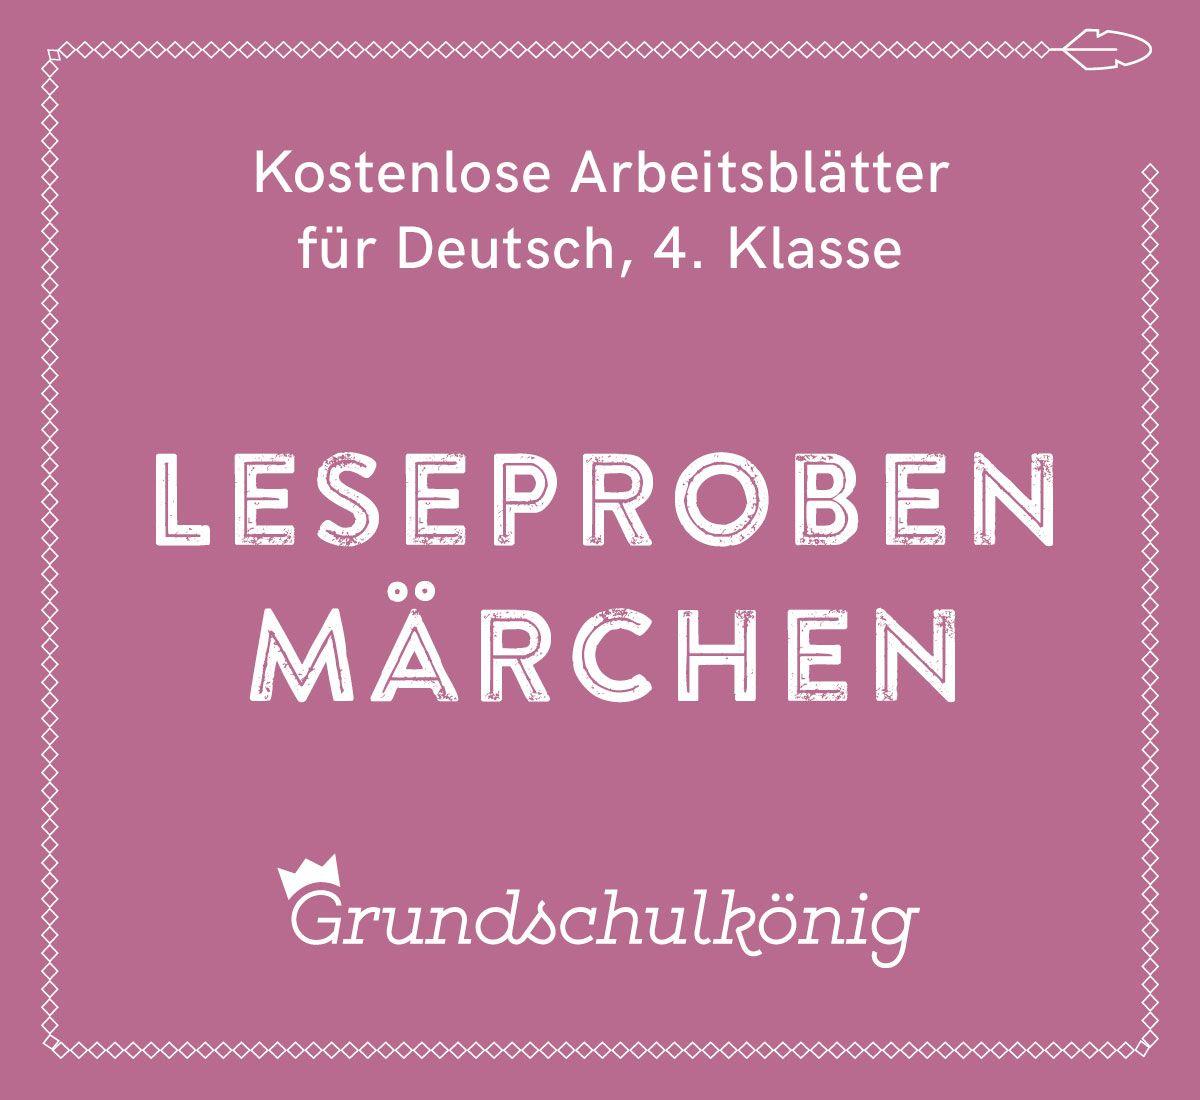 Kostenlose Arbeitsblätter und Übungen mit Leseproben zu Märchen für ...